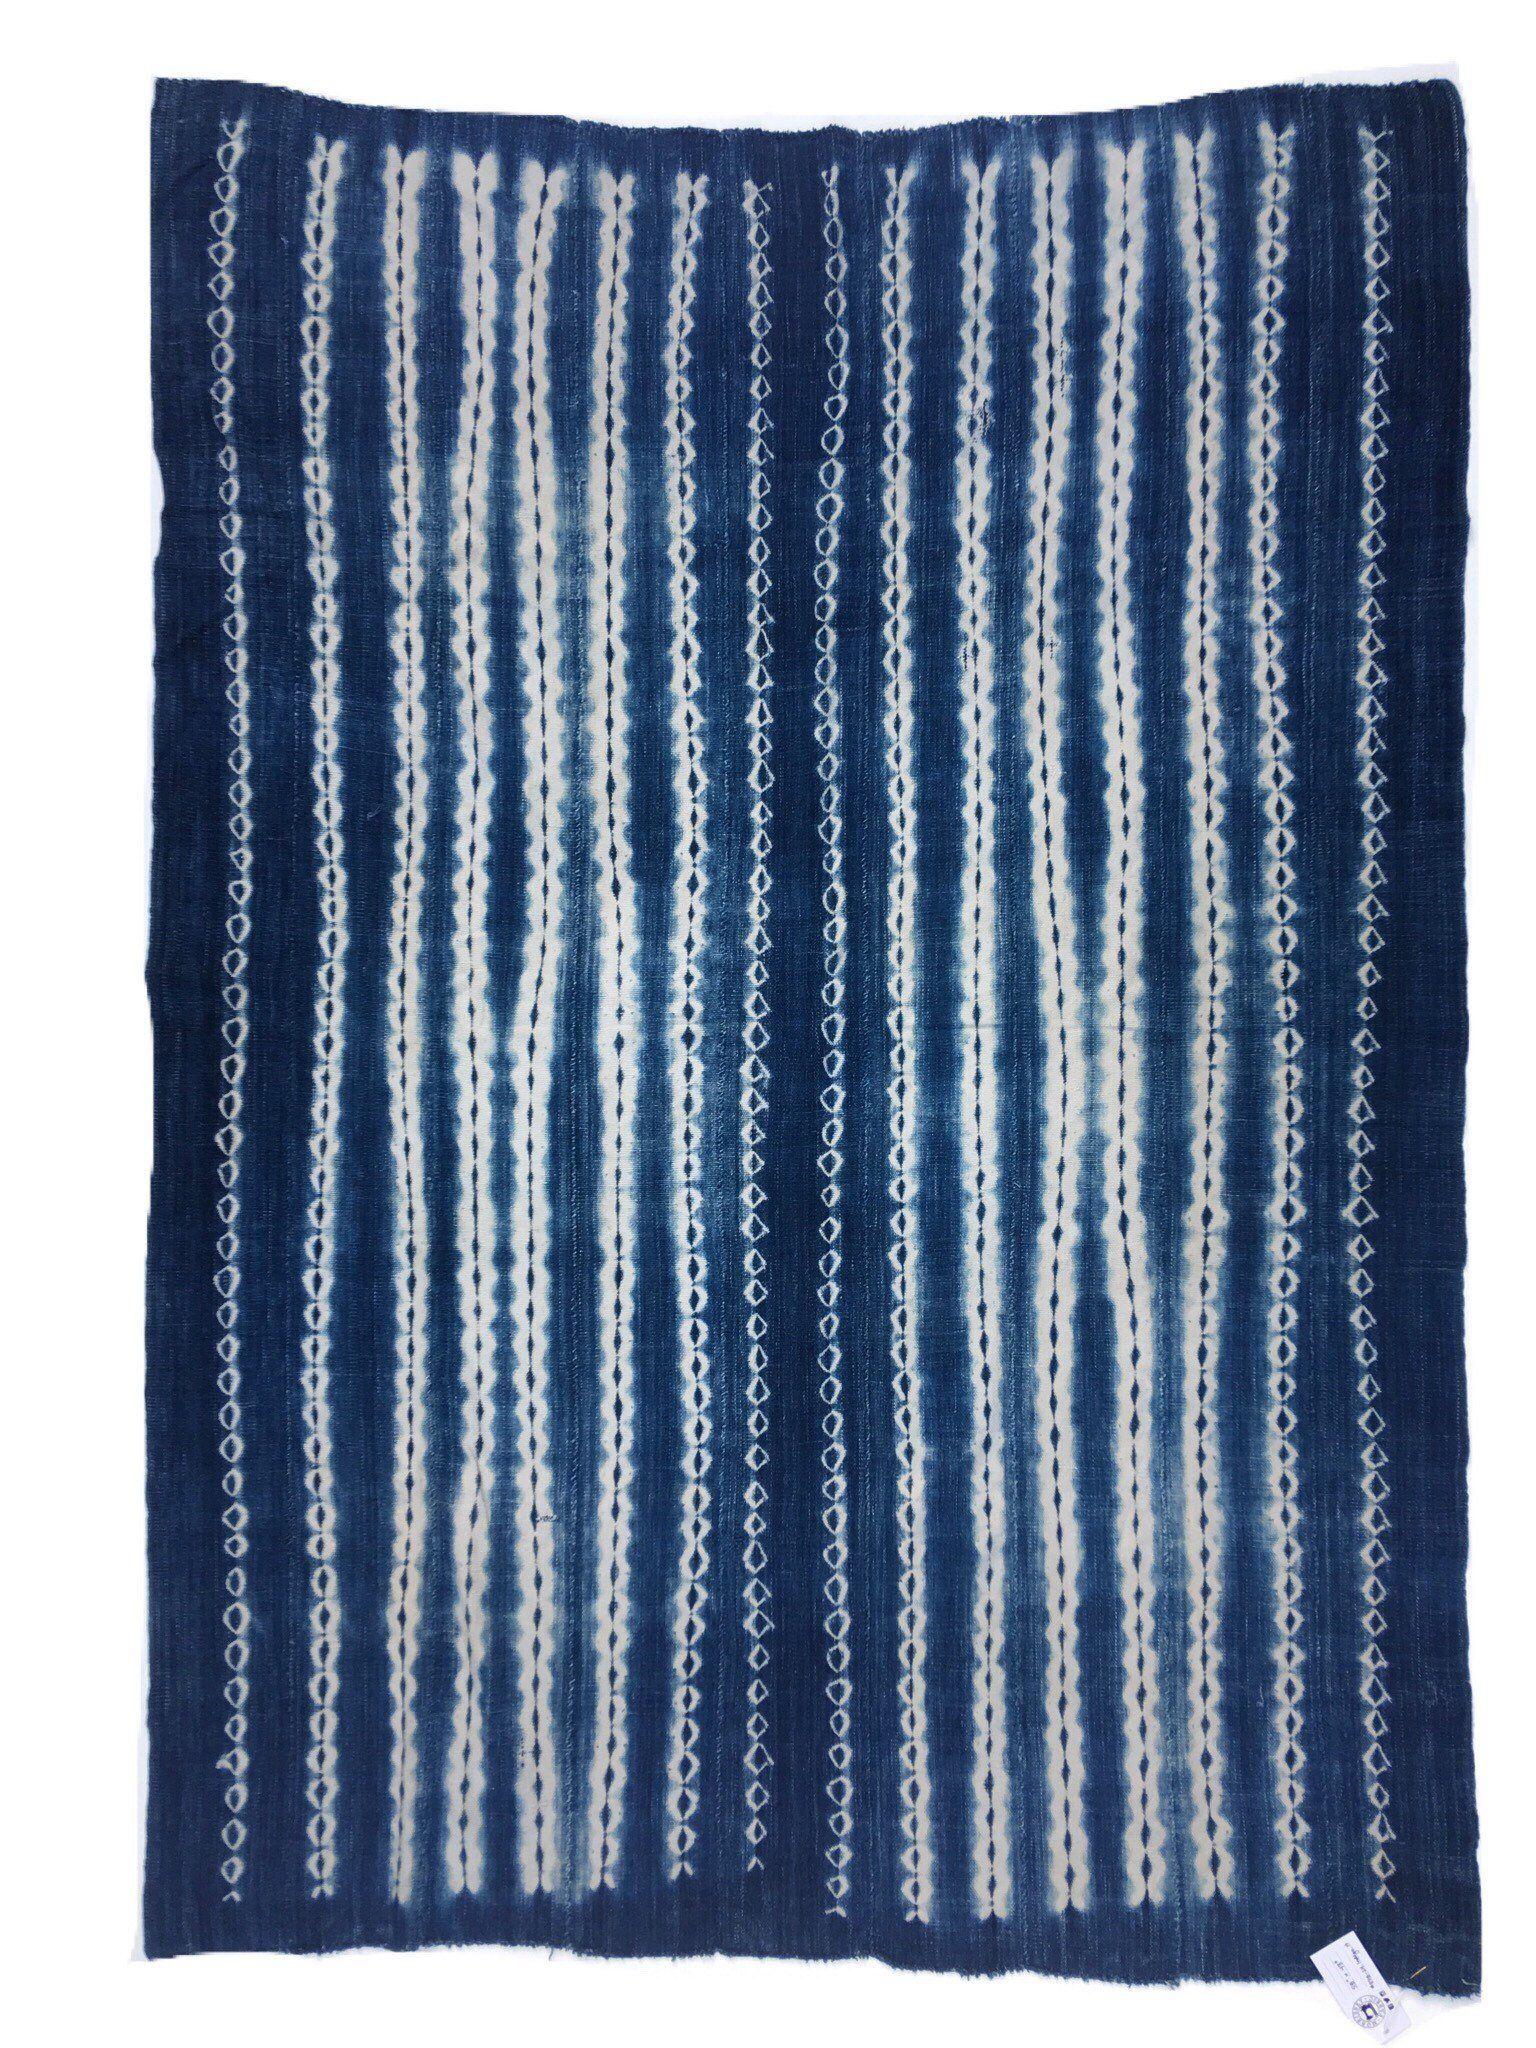 Mud Cloth Indigo Vintage African Shibori Textile Indigo Throw Boho Home Decor Bed Throw By Morrisseyfabric Indigo Throw Vintage Home Decor Shibori Textiles